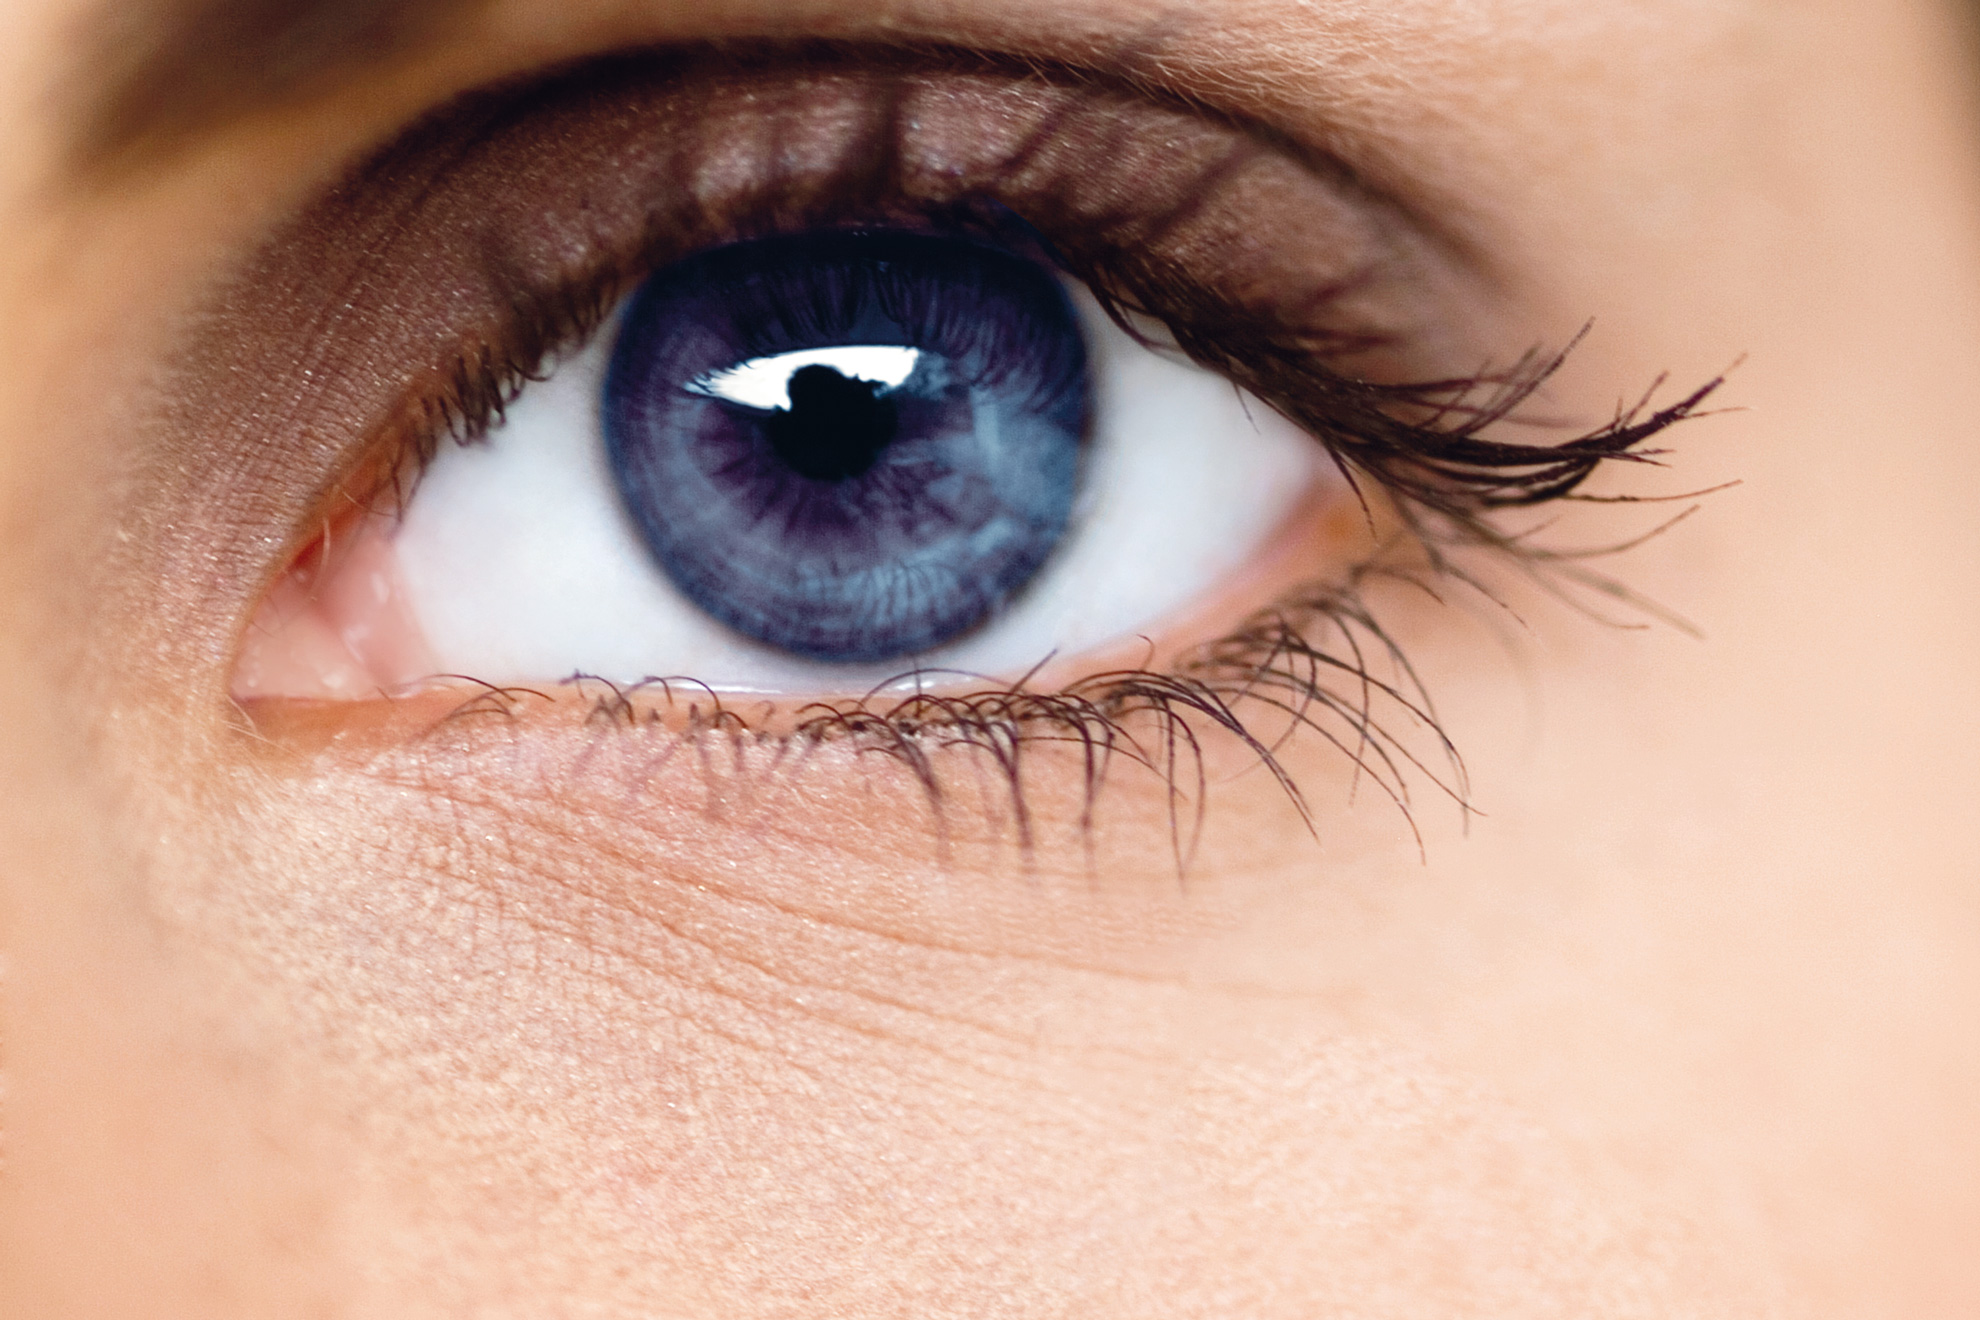 szemüveg, amely helyreállítja a látást látásjel az üvegen